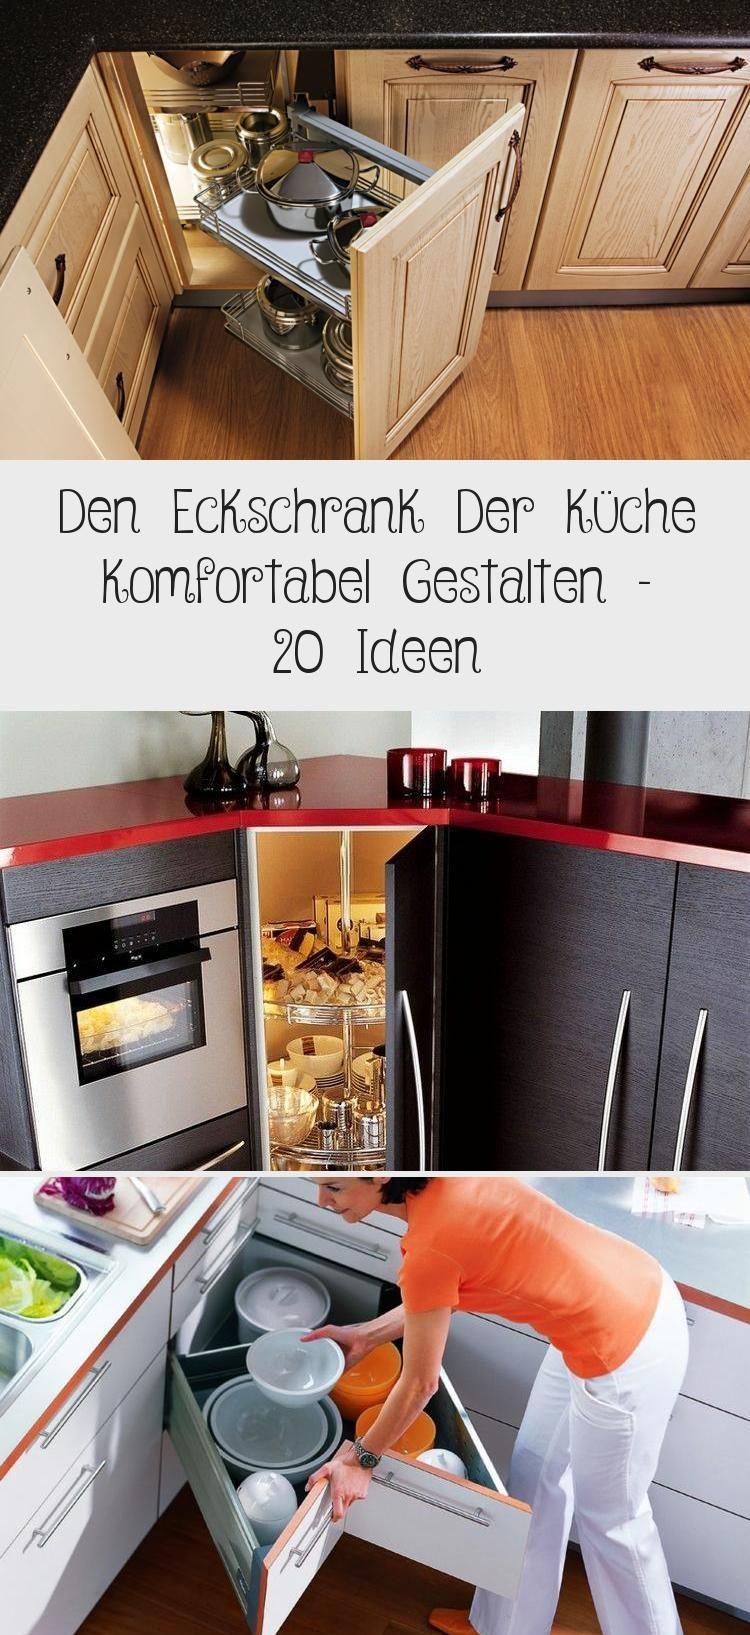 Den Eckschrank Der Kuche Komfortabel Gestalten 20 Ideen Eckschrank Schrank Gestalten